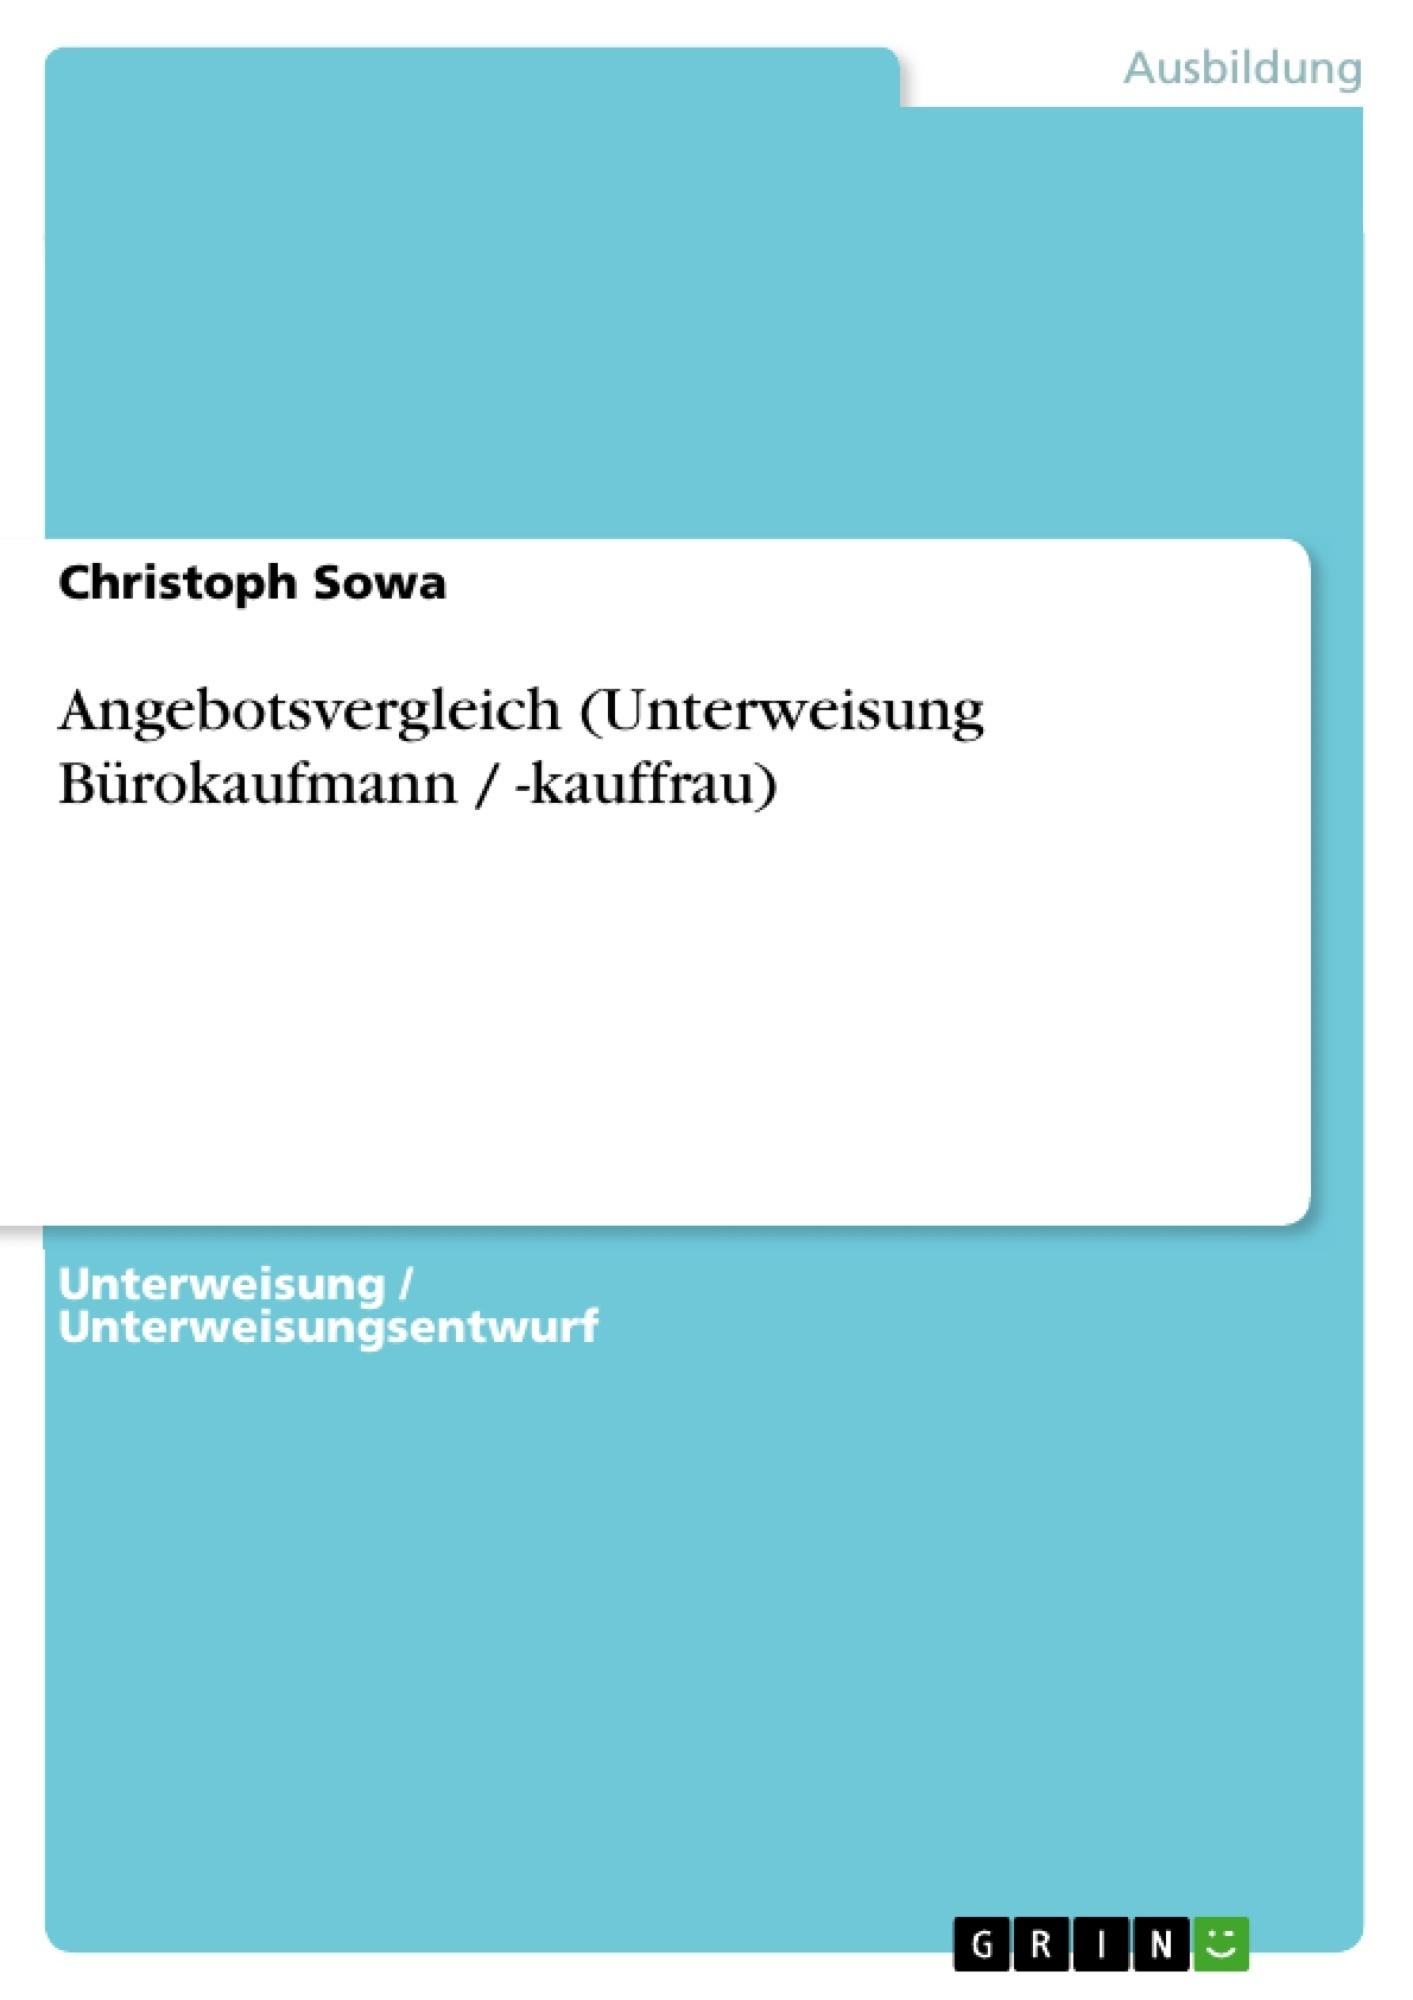 Titel: Angebotsvergleich (Unterweisung Bürokaufmann / -kauffrau)